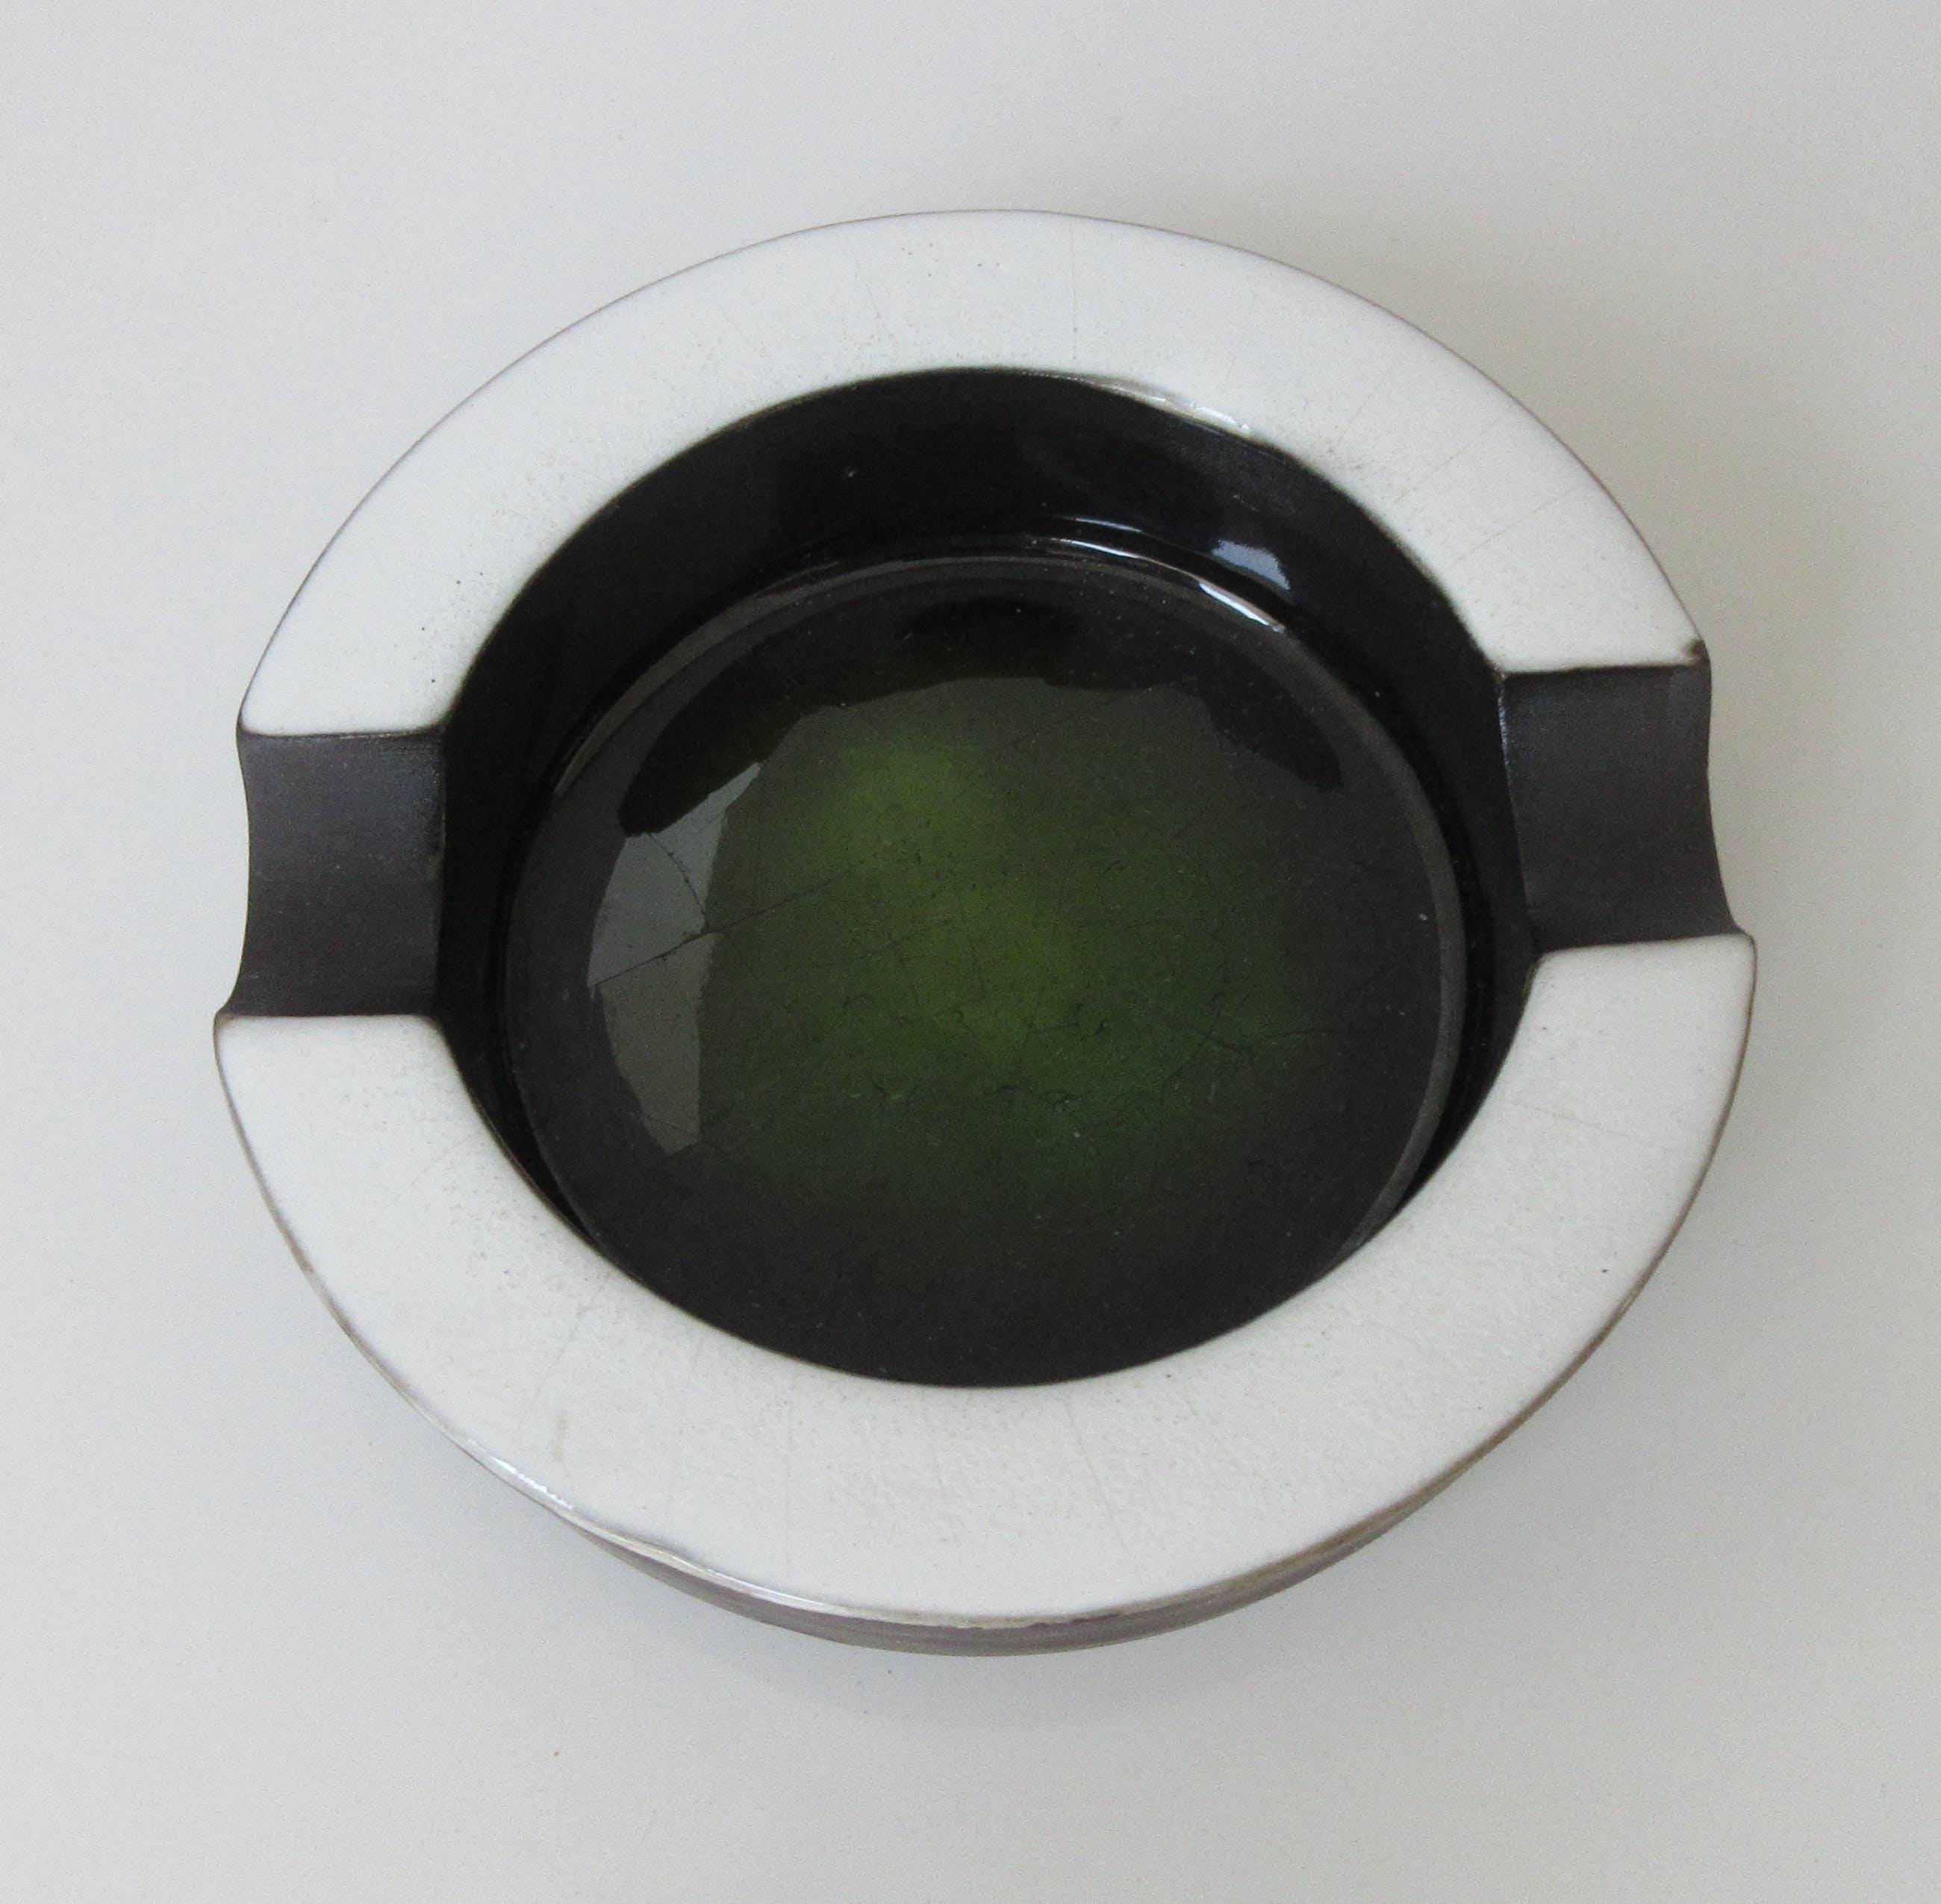 Potterie Ravelli - Asbak met craquele glazuur kopen? Bied vanaf 1!